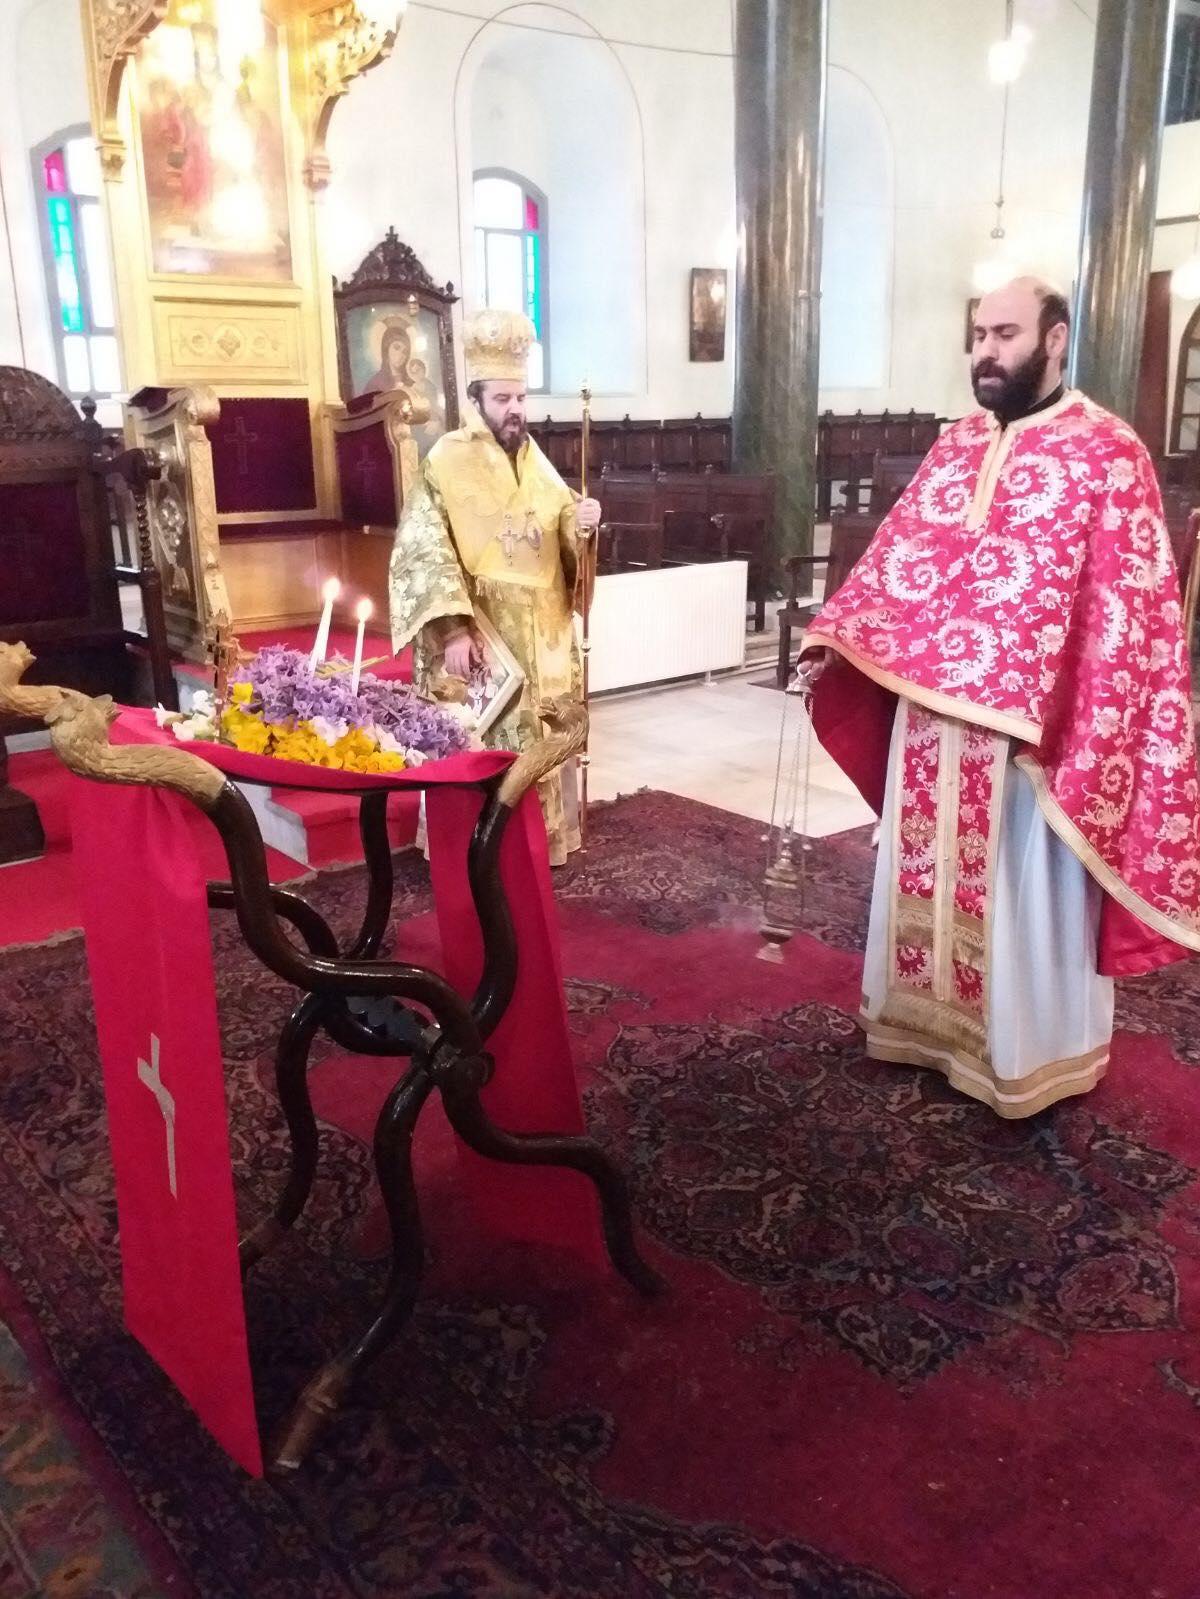 Ο Σεβ. Μητροπολίτης Σηλυβρίας κ. Μάξιμος, στον Ι. Ναό Αγίων Κωνσταντίνου και Ελένης Υψωμαθείων FOTO